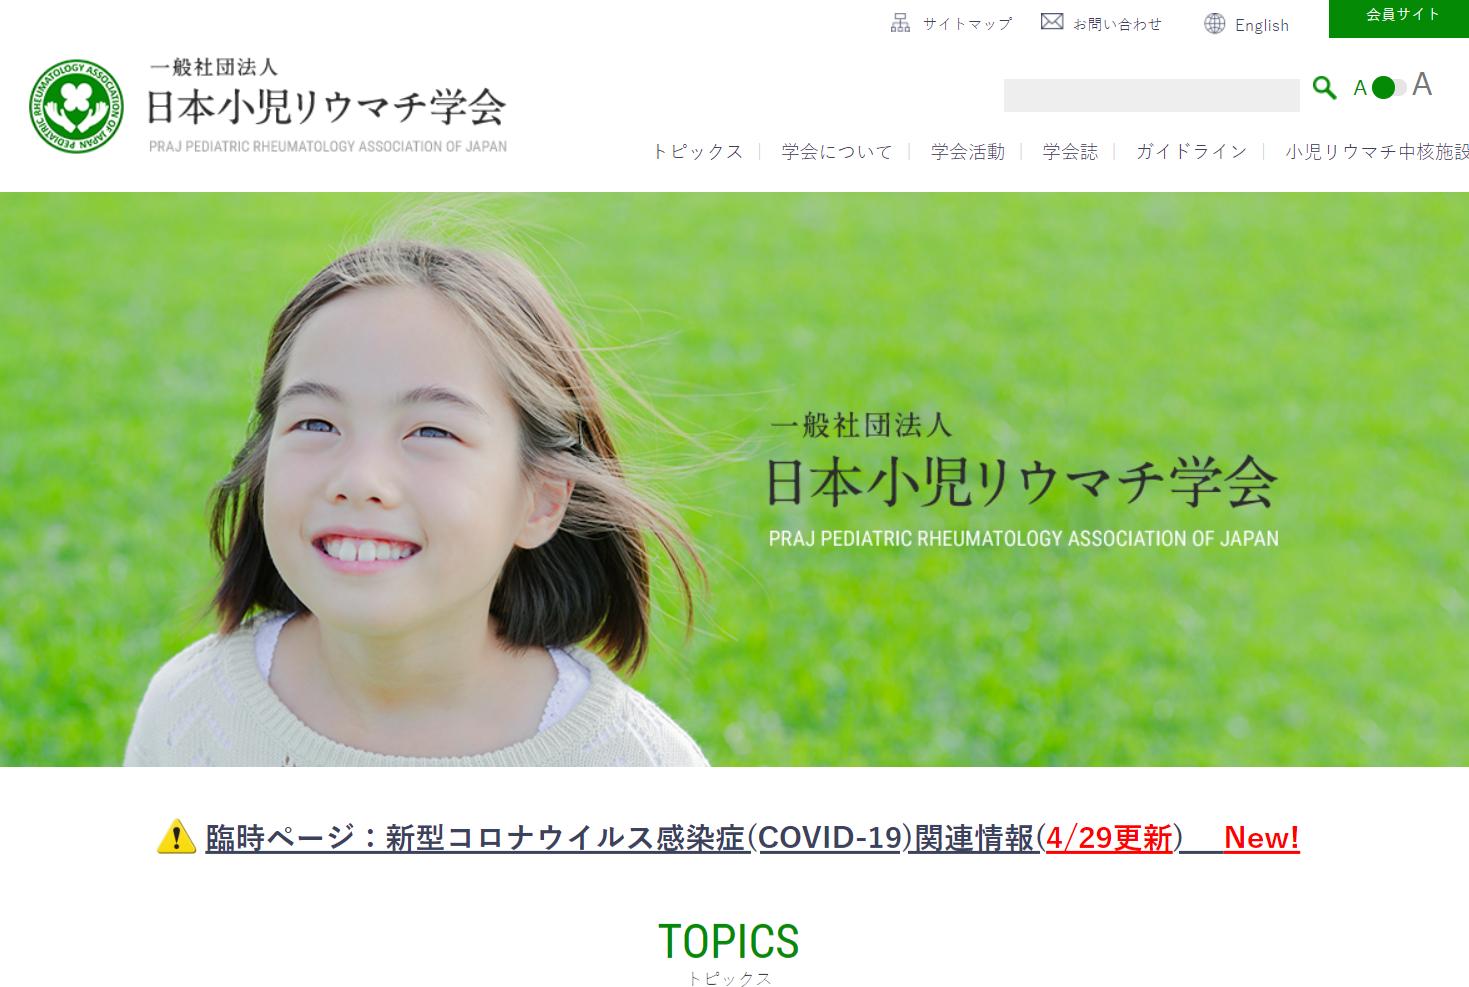 日本小児リウマチ学会